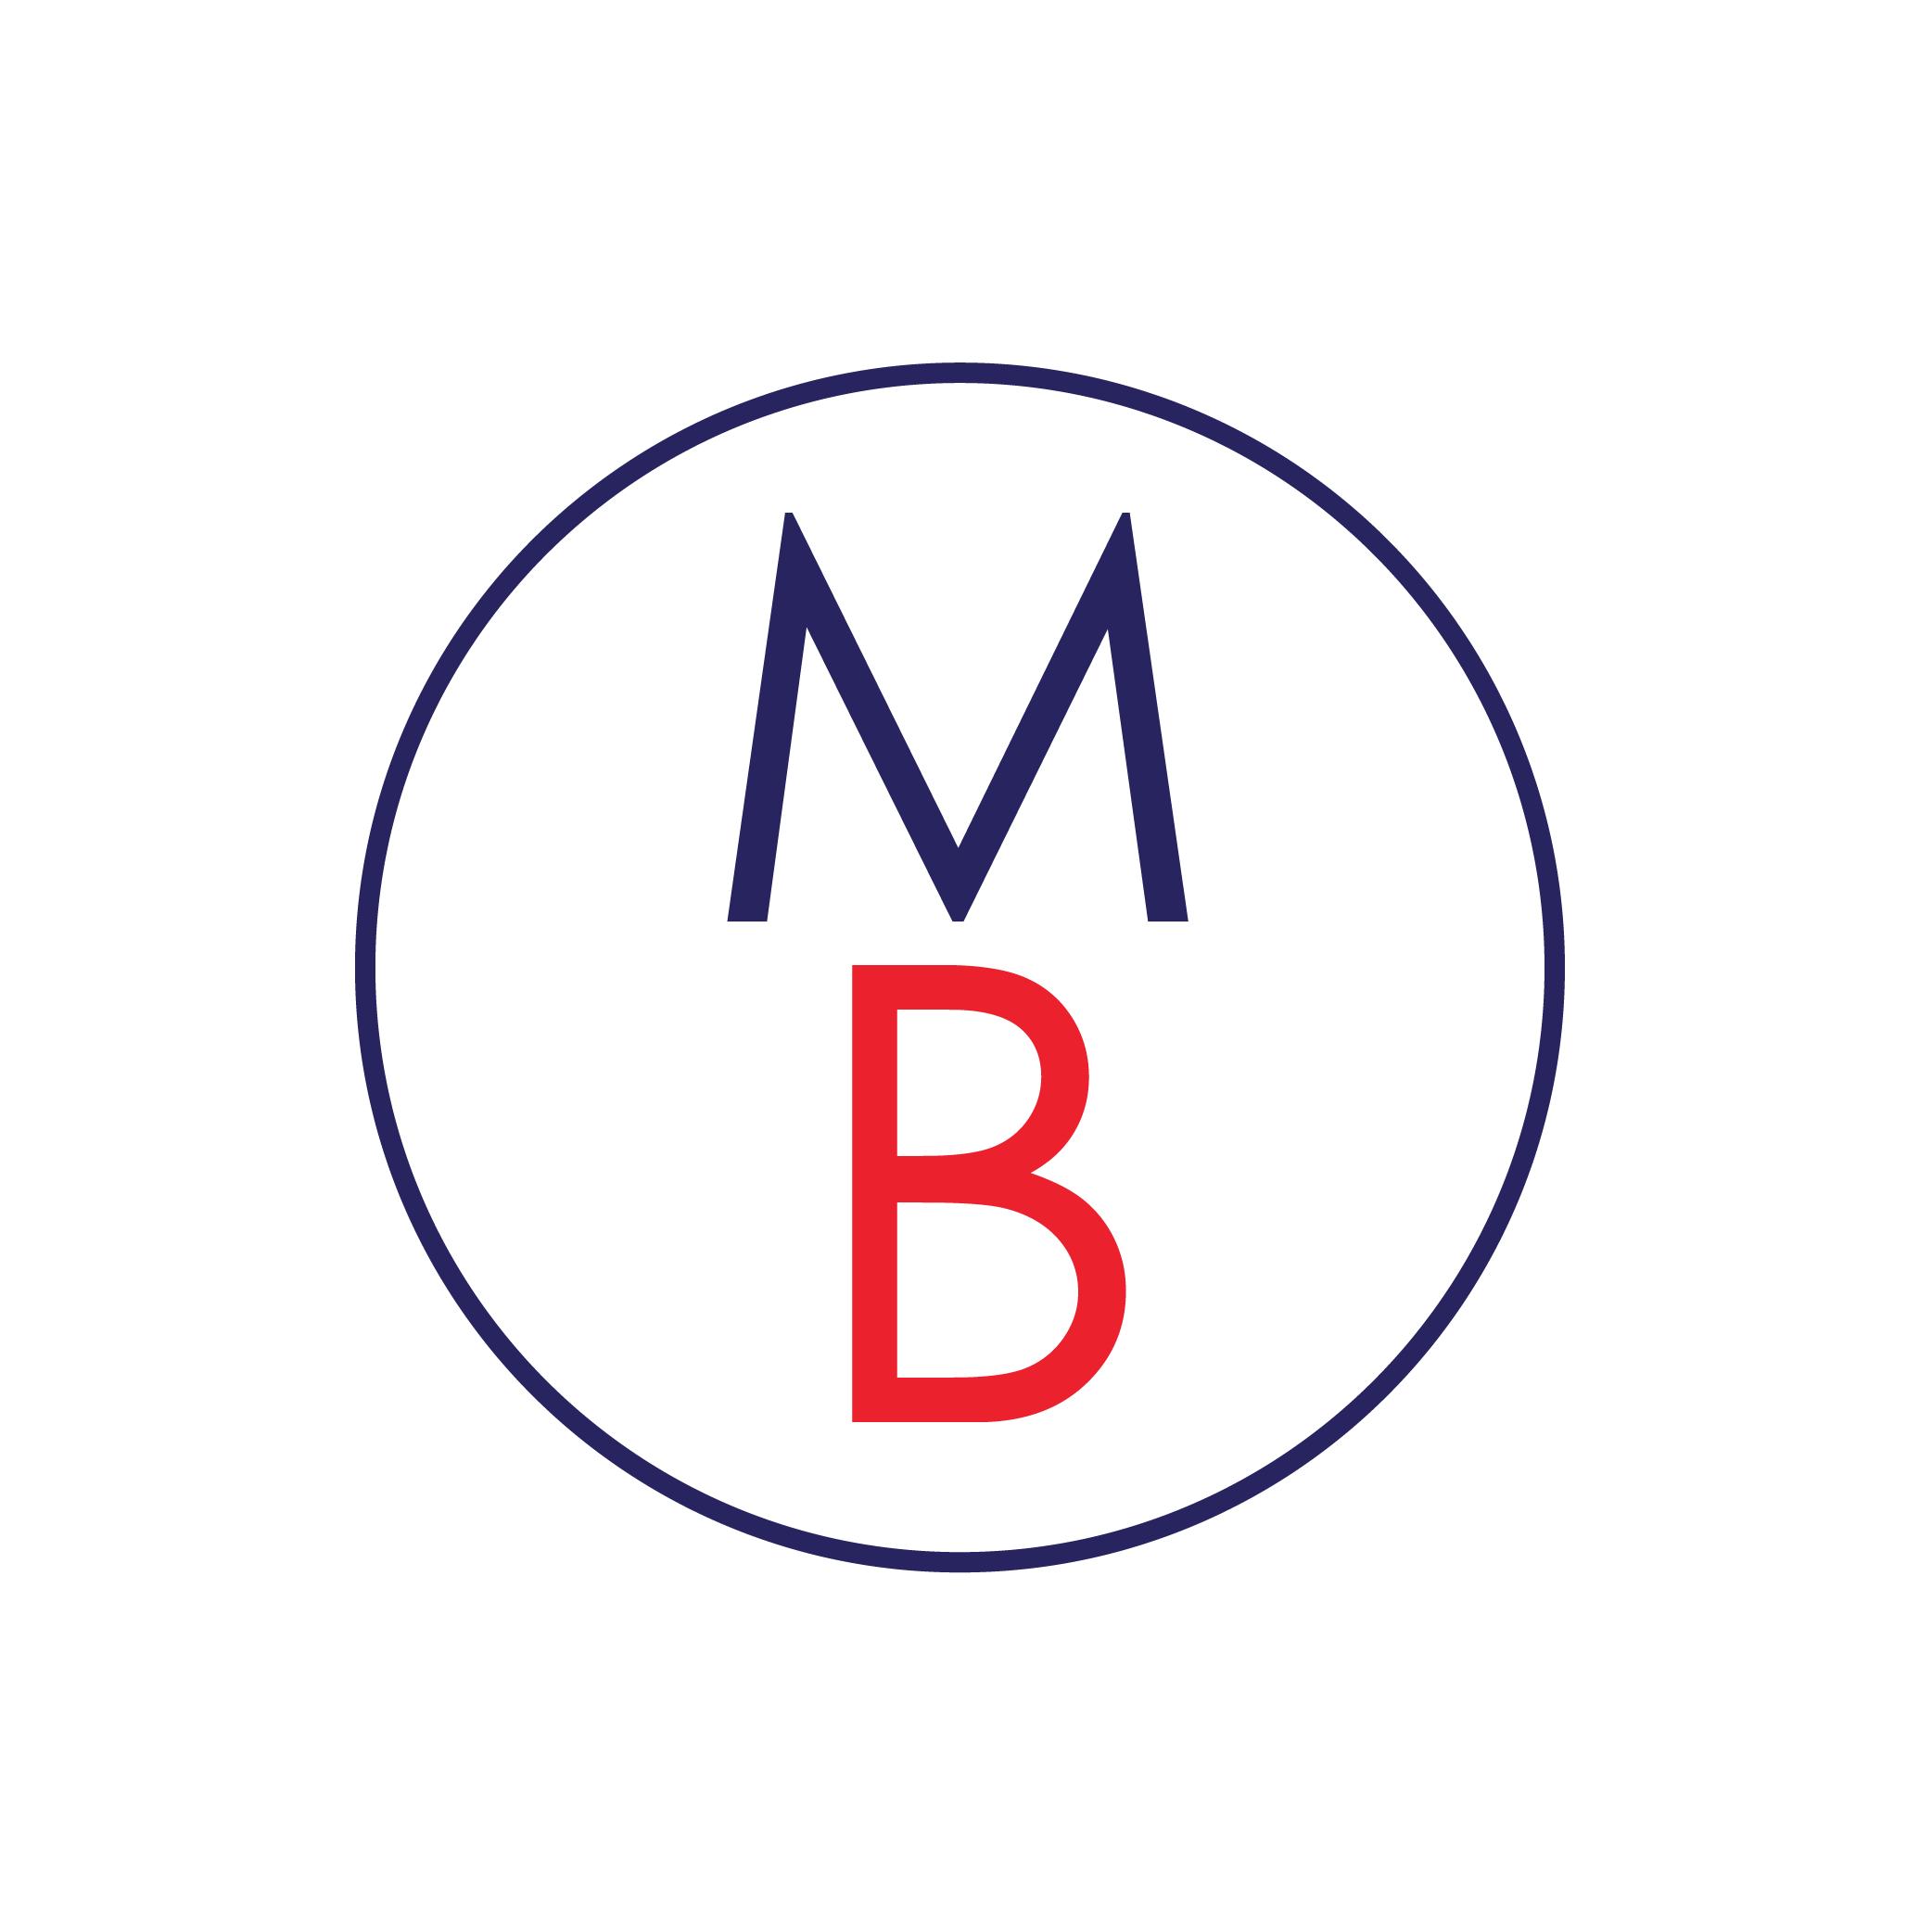 Logo Mark and Branding Design